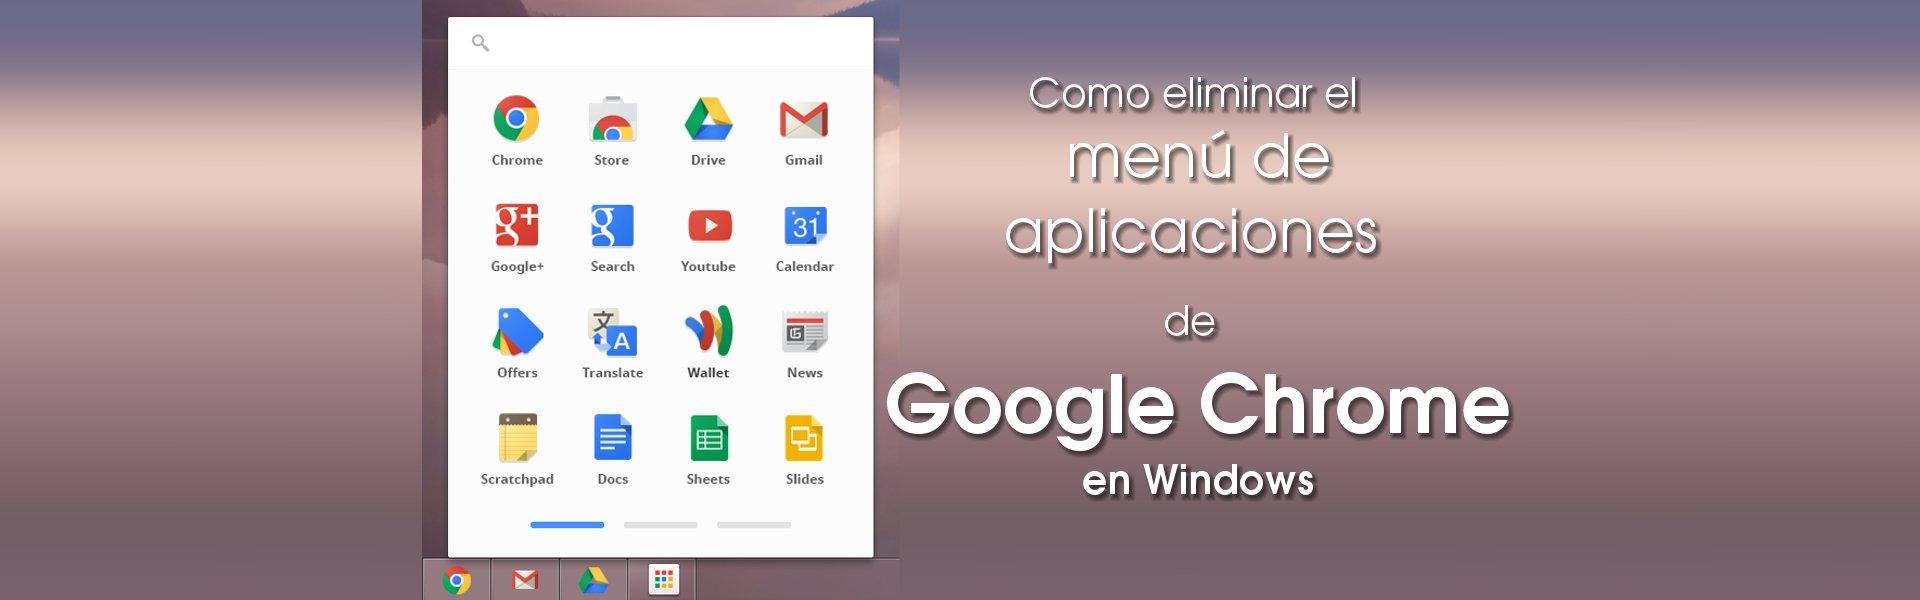 Como eliminar el menú de aplicaciones de Google Chrome en Windows 7